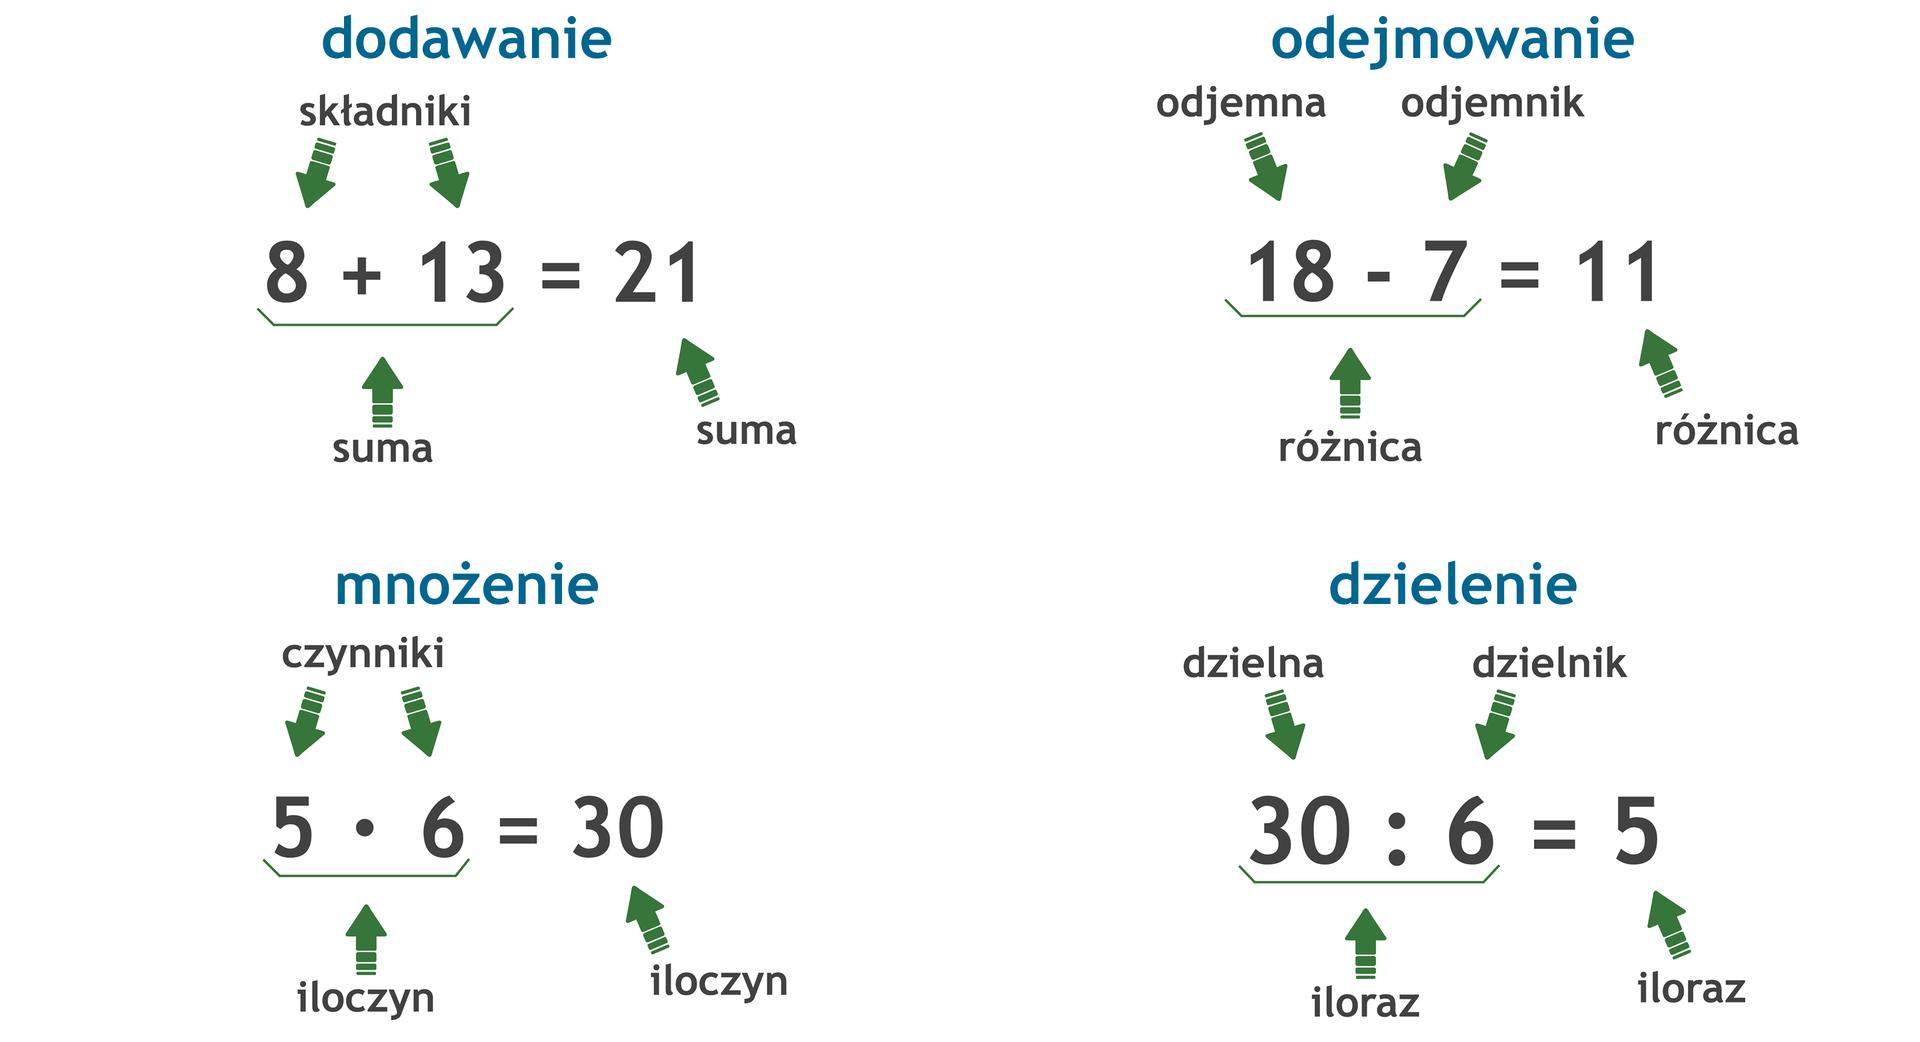 Zapis czterech działań matematycznych. Dodawanie: 8 +13 =21, składnik plus składnik = suma. Odejmowanie: 18 -7 =11, odjemna minus odjemnik = różnica. Mnożenie: 5 razy 6 =30, czynnik razy czynnik = iloczyn. Dzielenie: 30 dzielone przez 6 =5, dzielna dzielona przez dzielnik = iloraz.